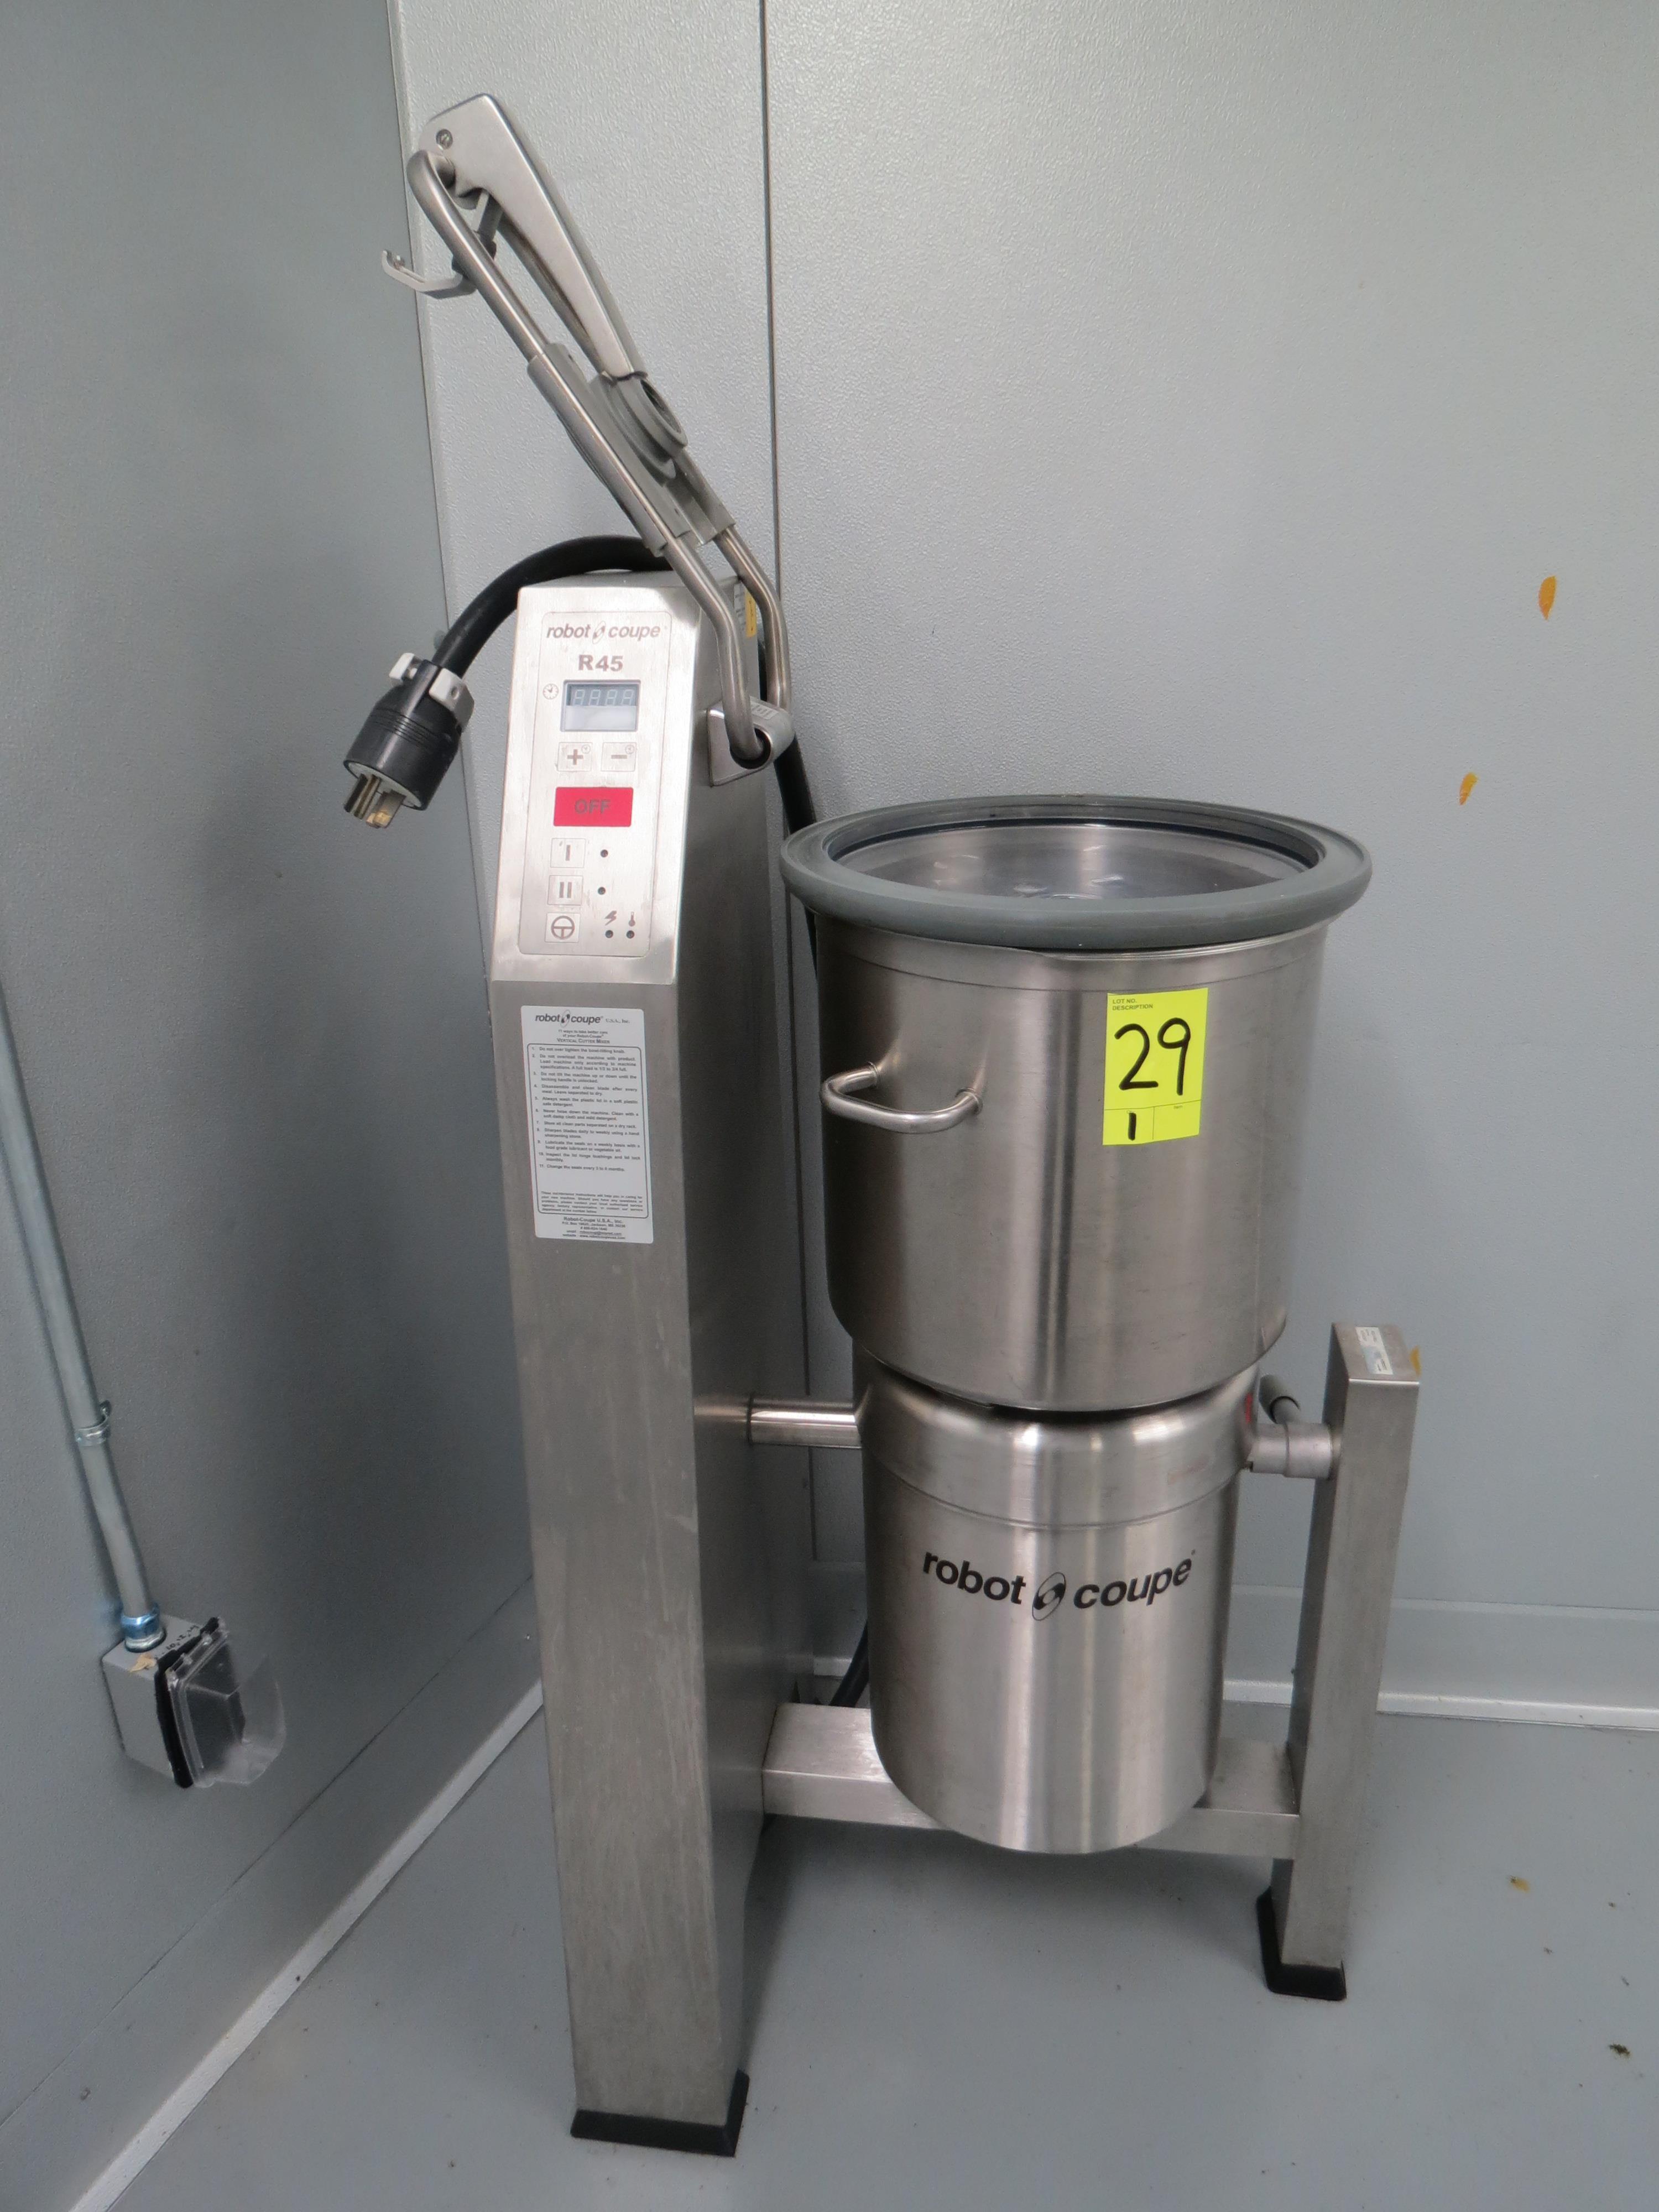 Lot 29 - ROBOT O COUPE R45 VERTICAL CUTTER MIXER